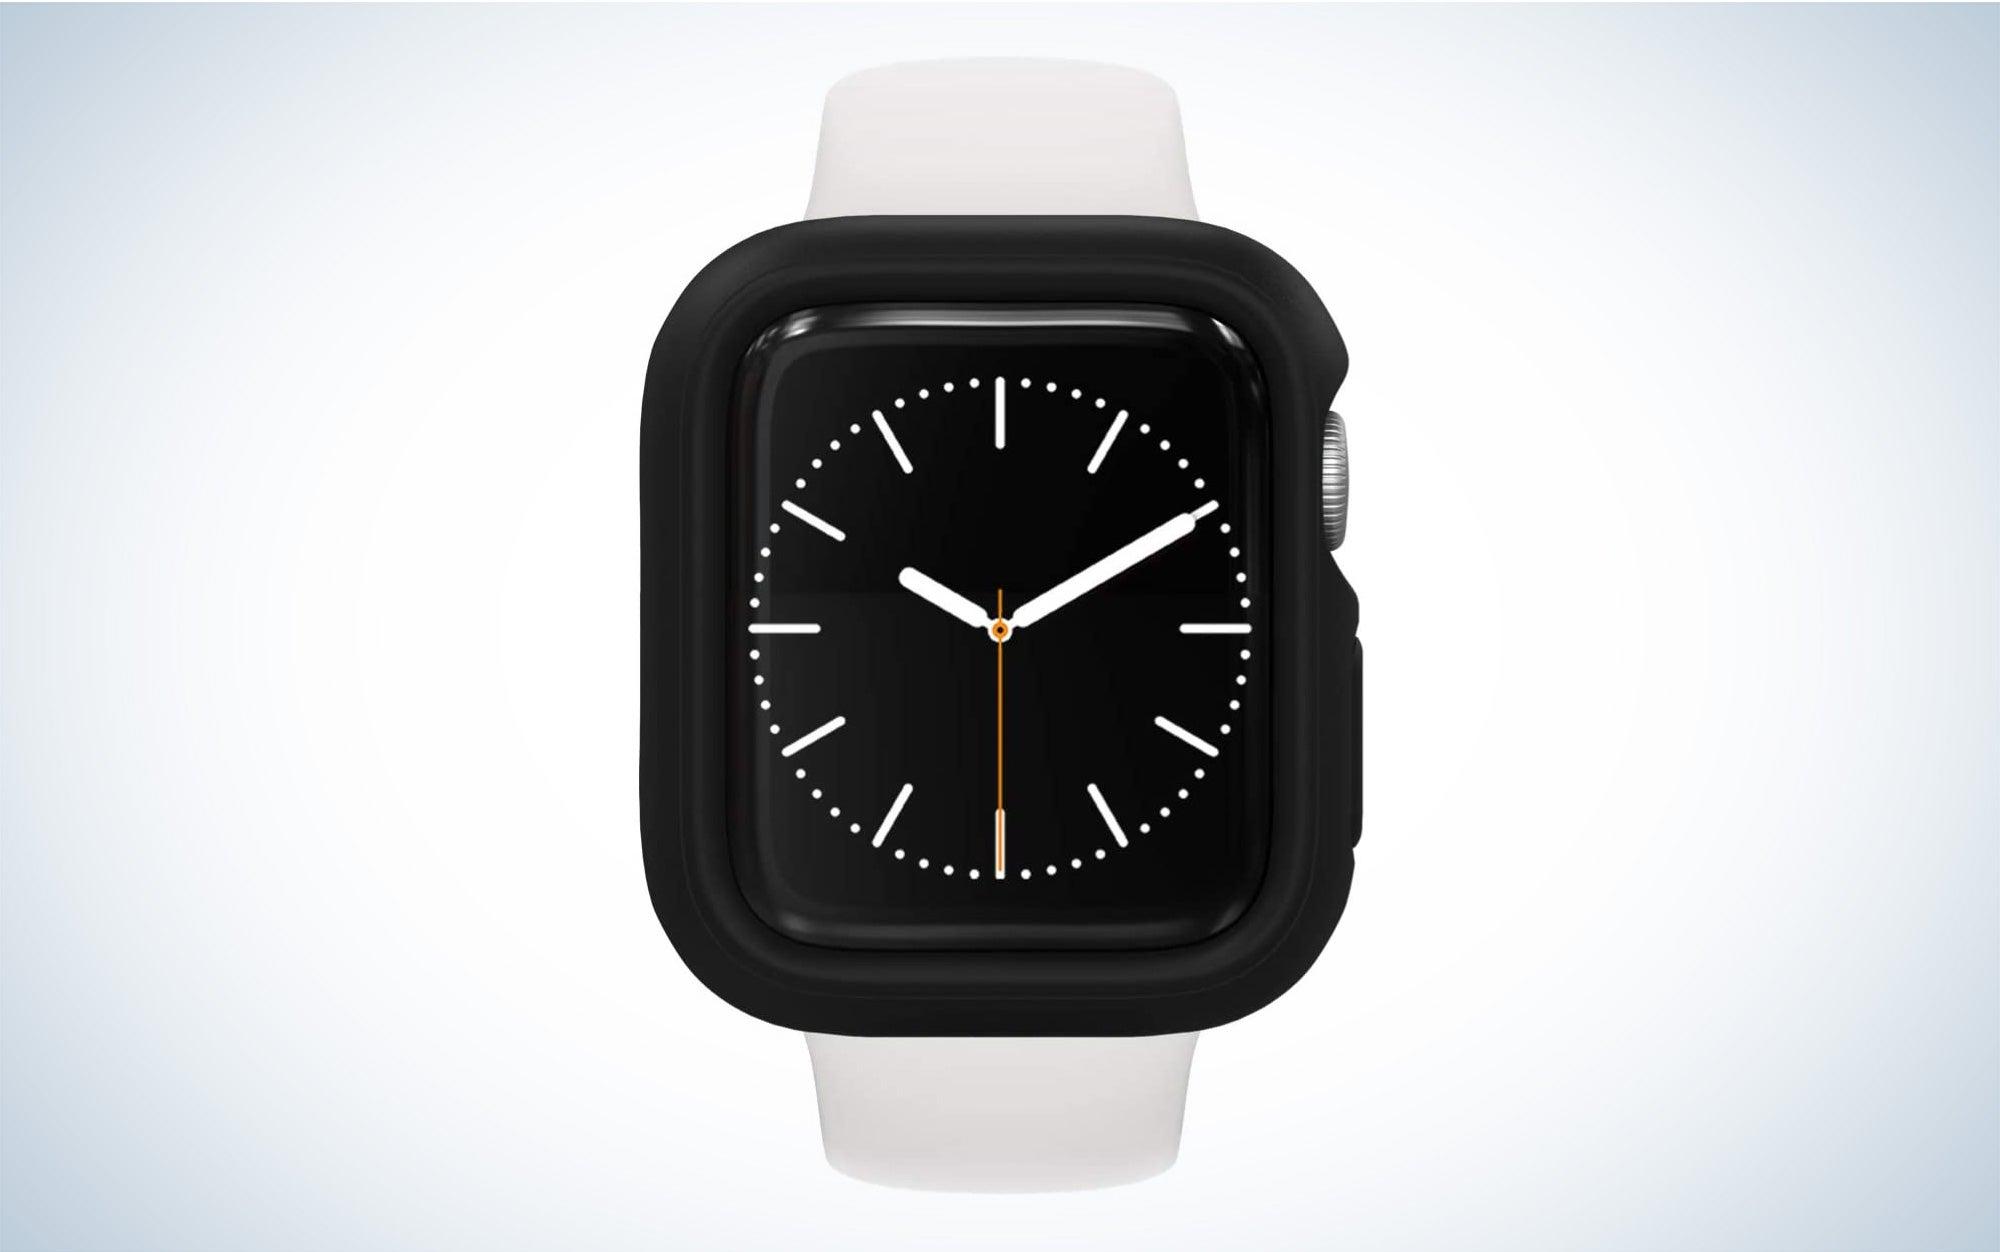 Rhino Shield Bumper is the best apple watch case